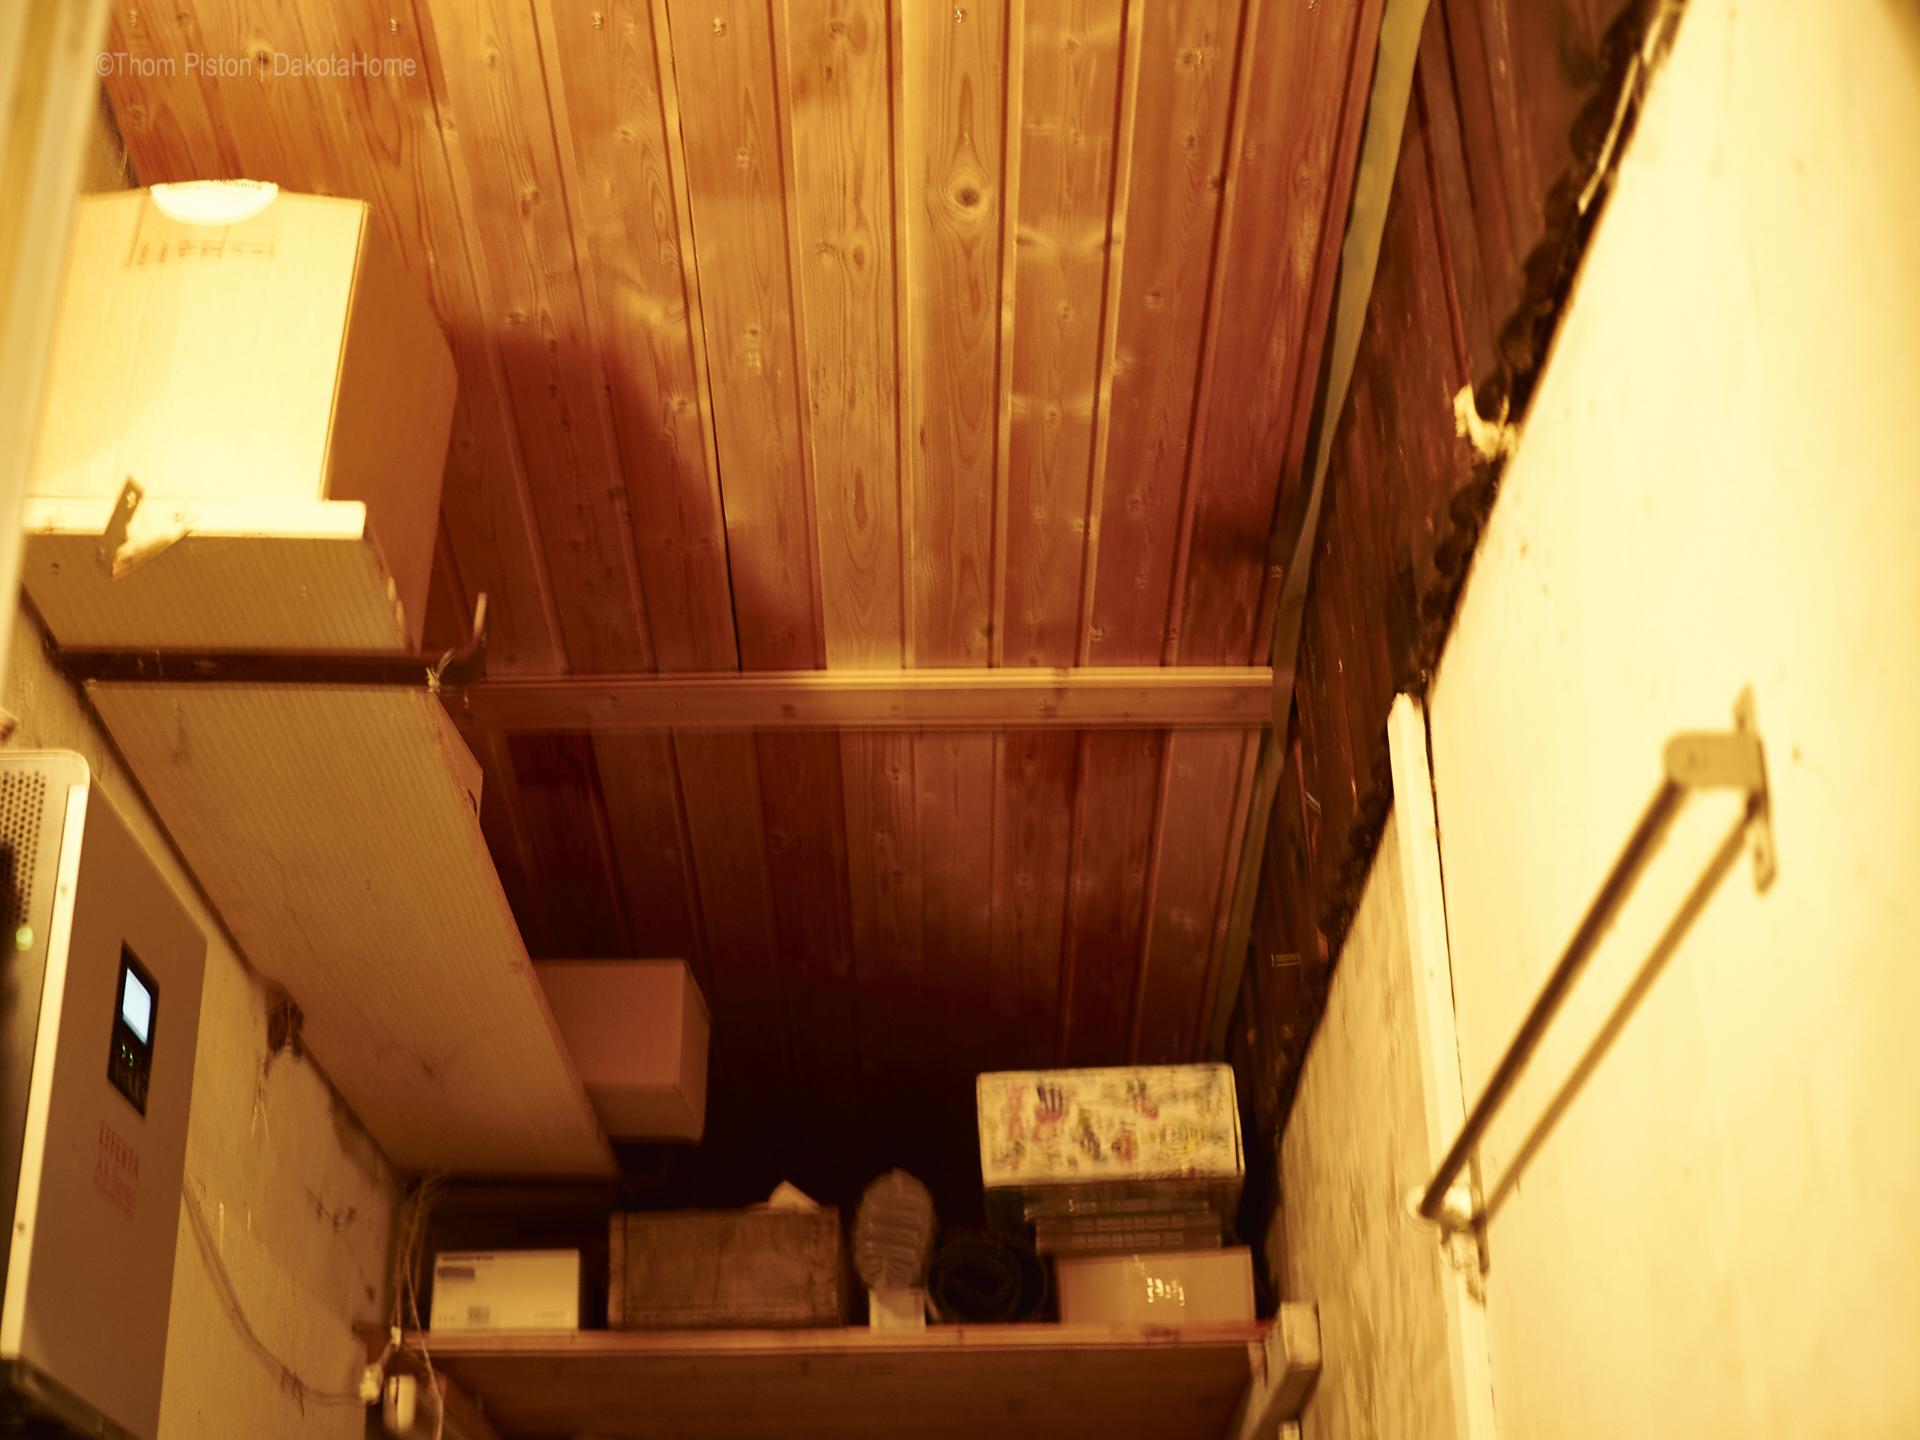 Deckenverkleidung incl. Dämmung, Kammer Dakota Home